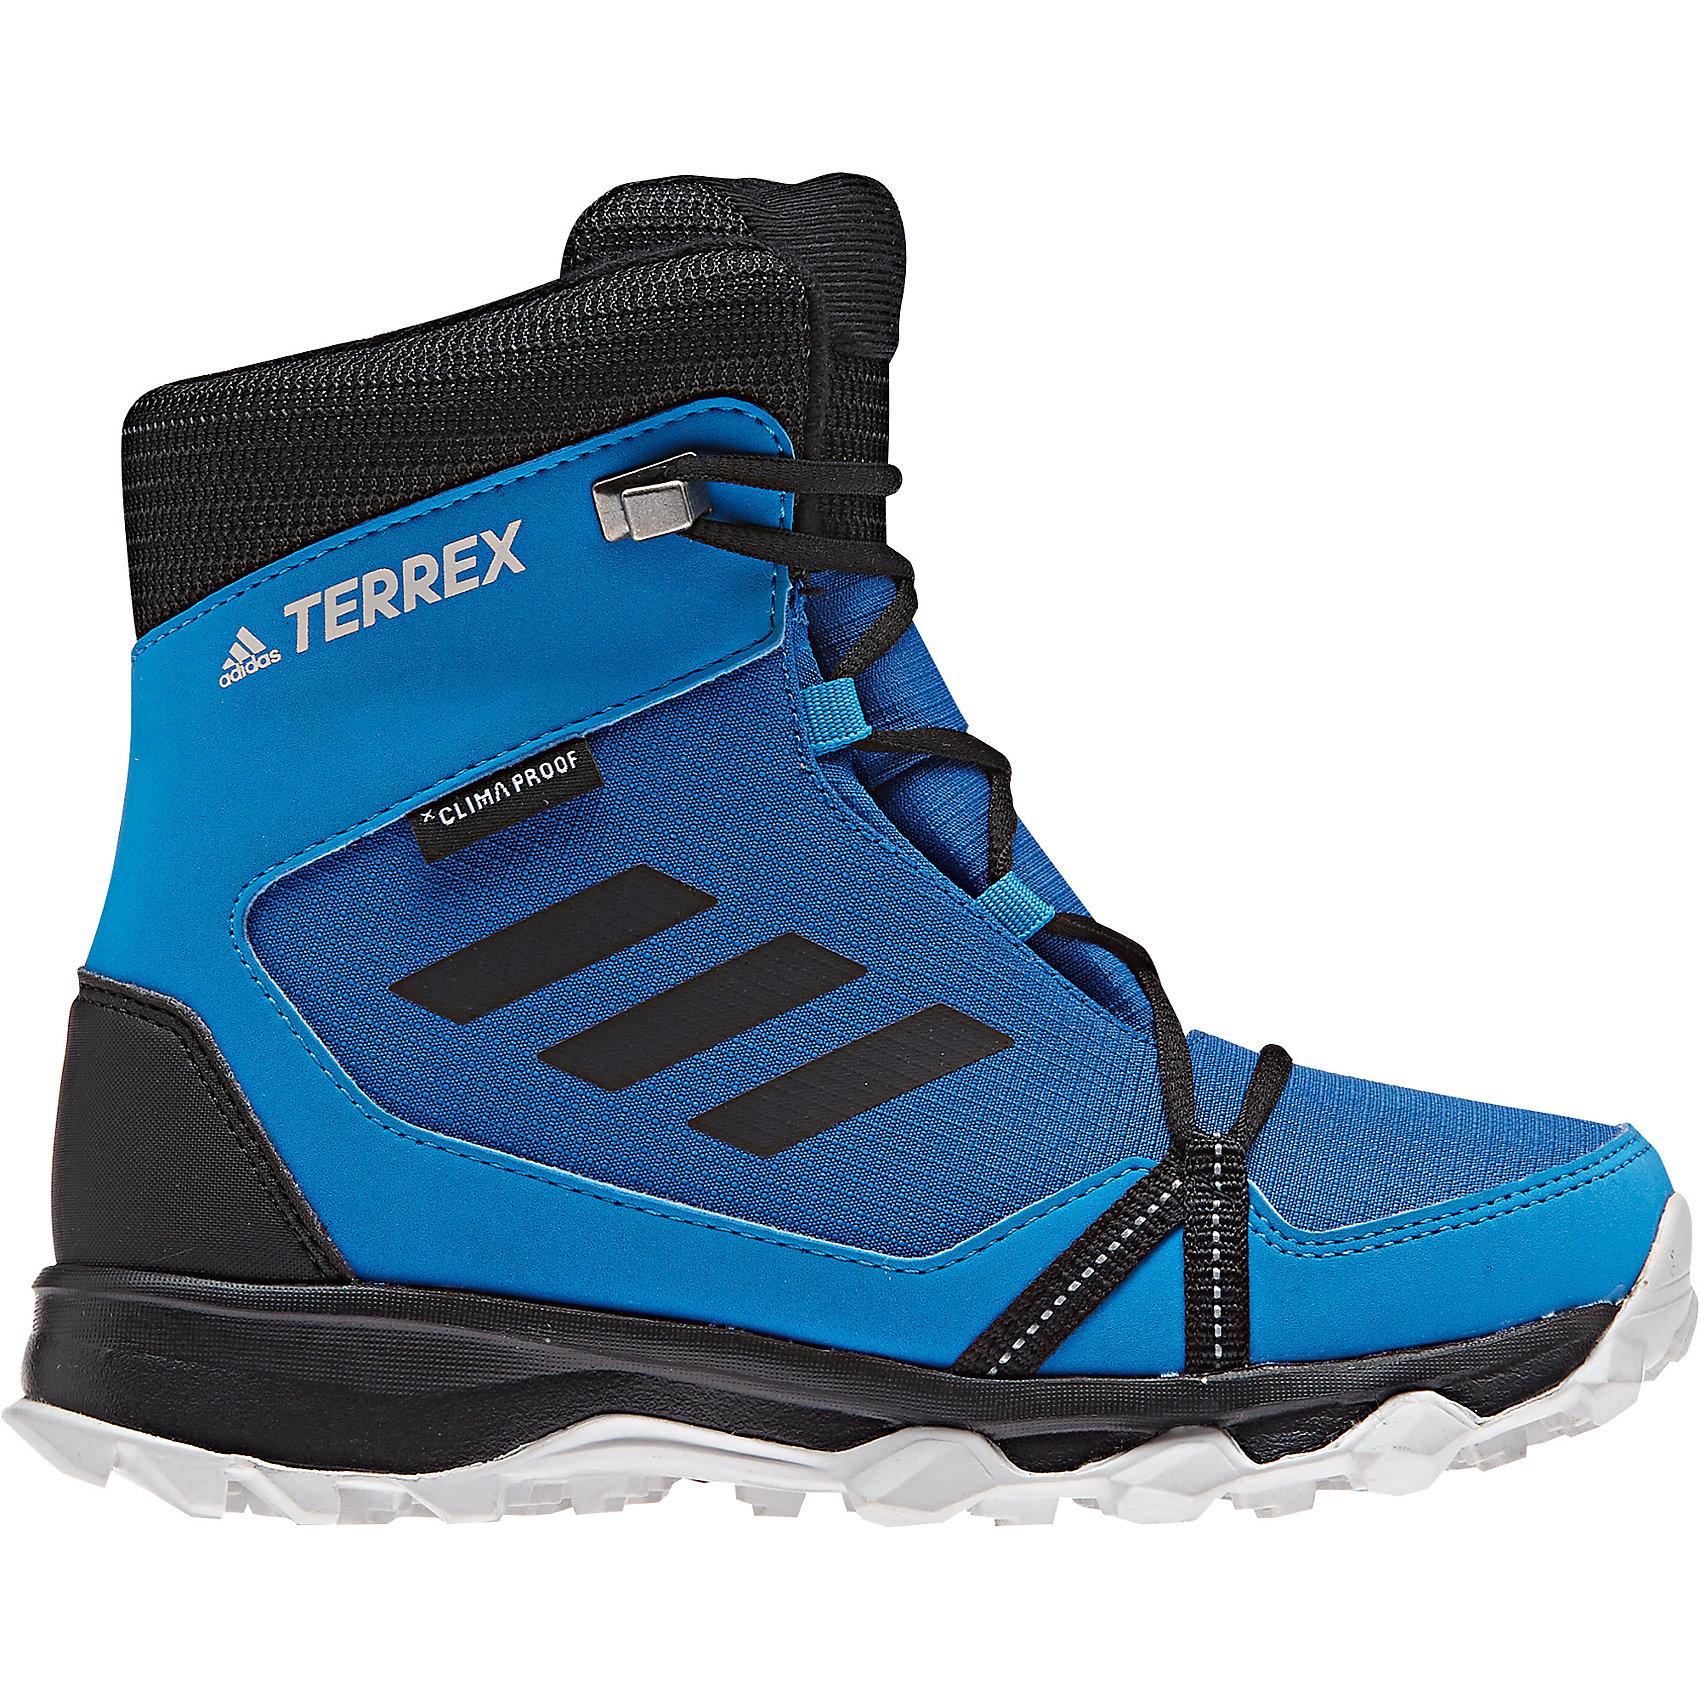 adidas performance winterstiefel terrex snow für jungen